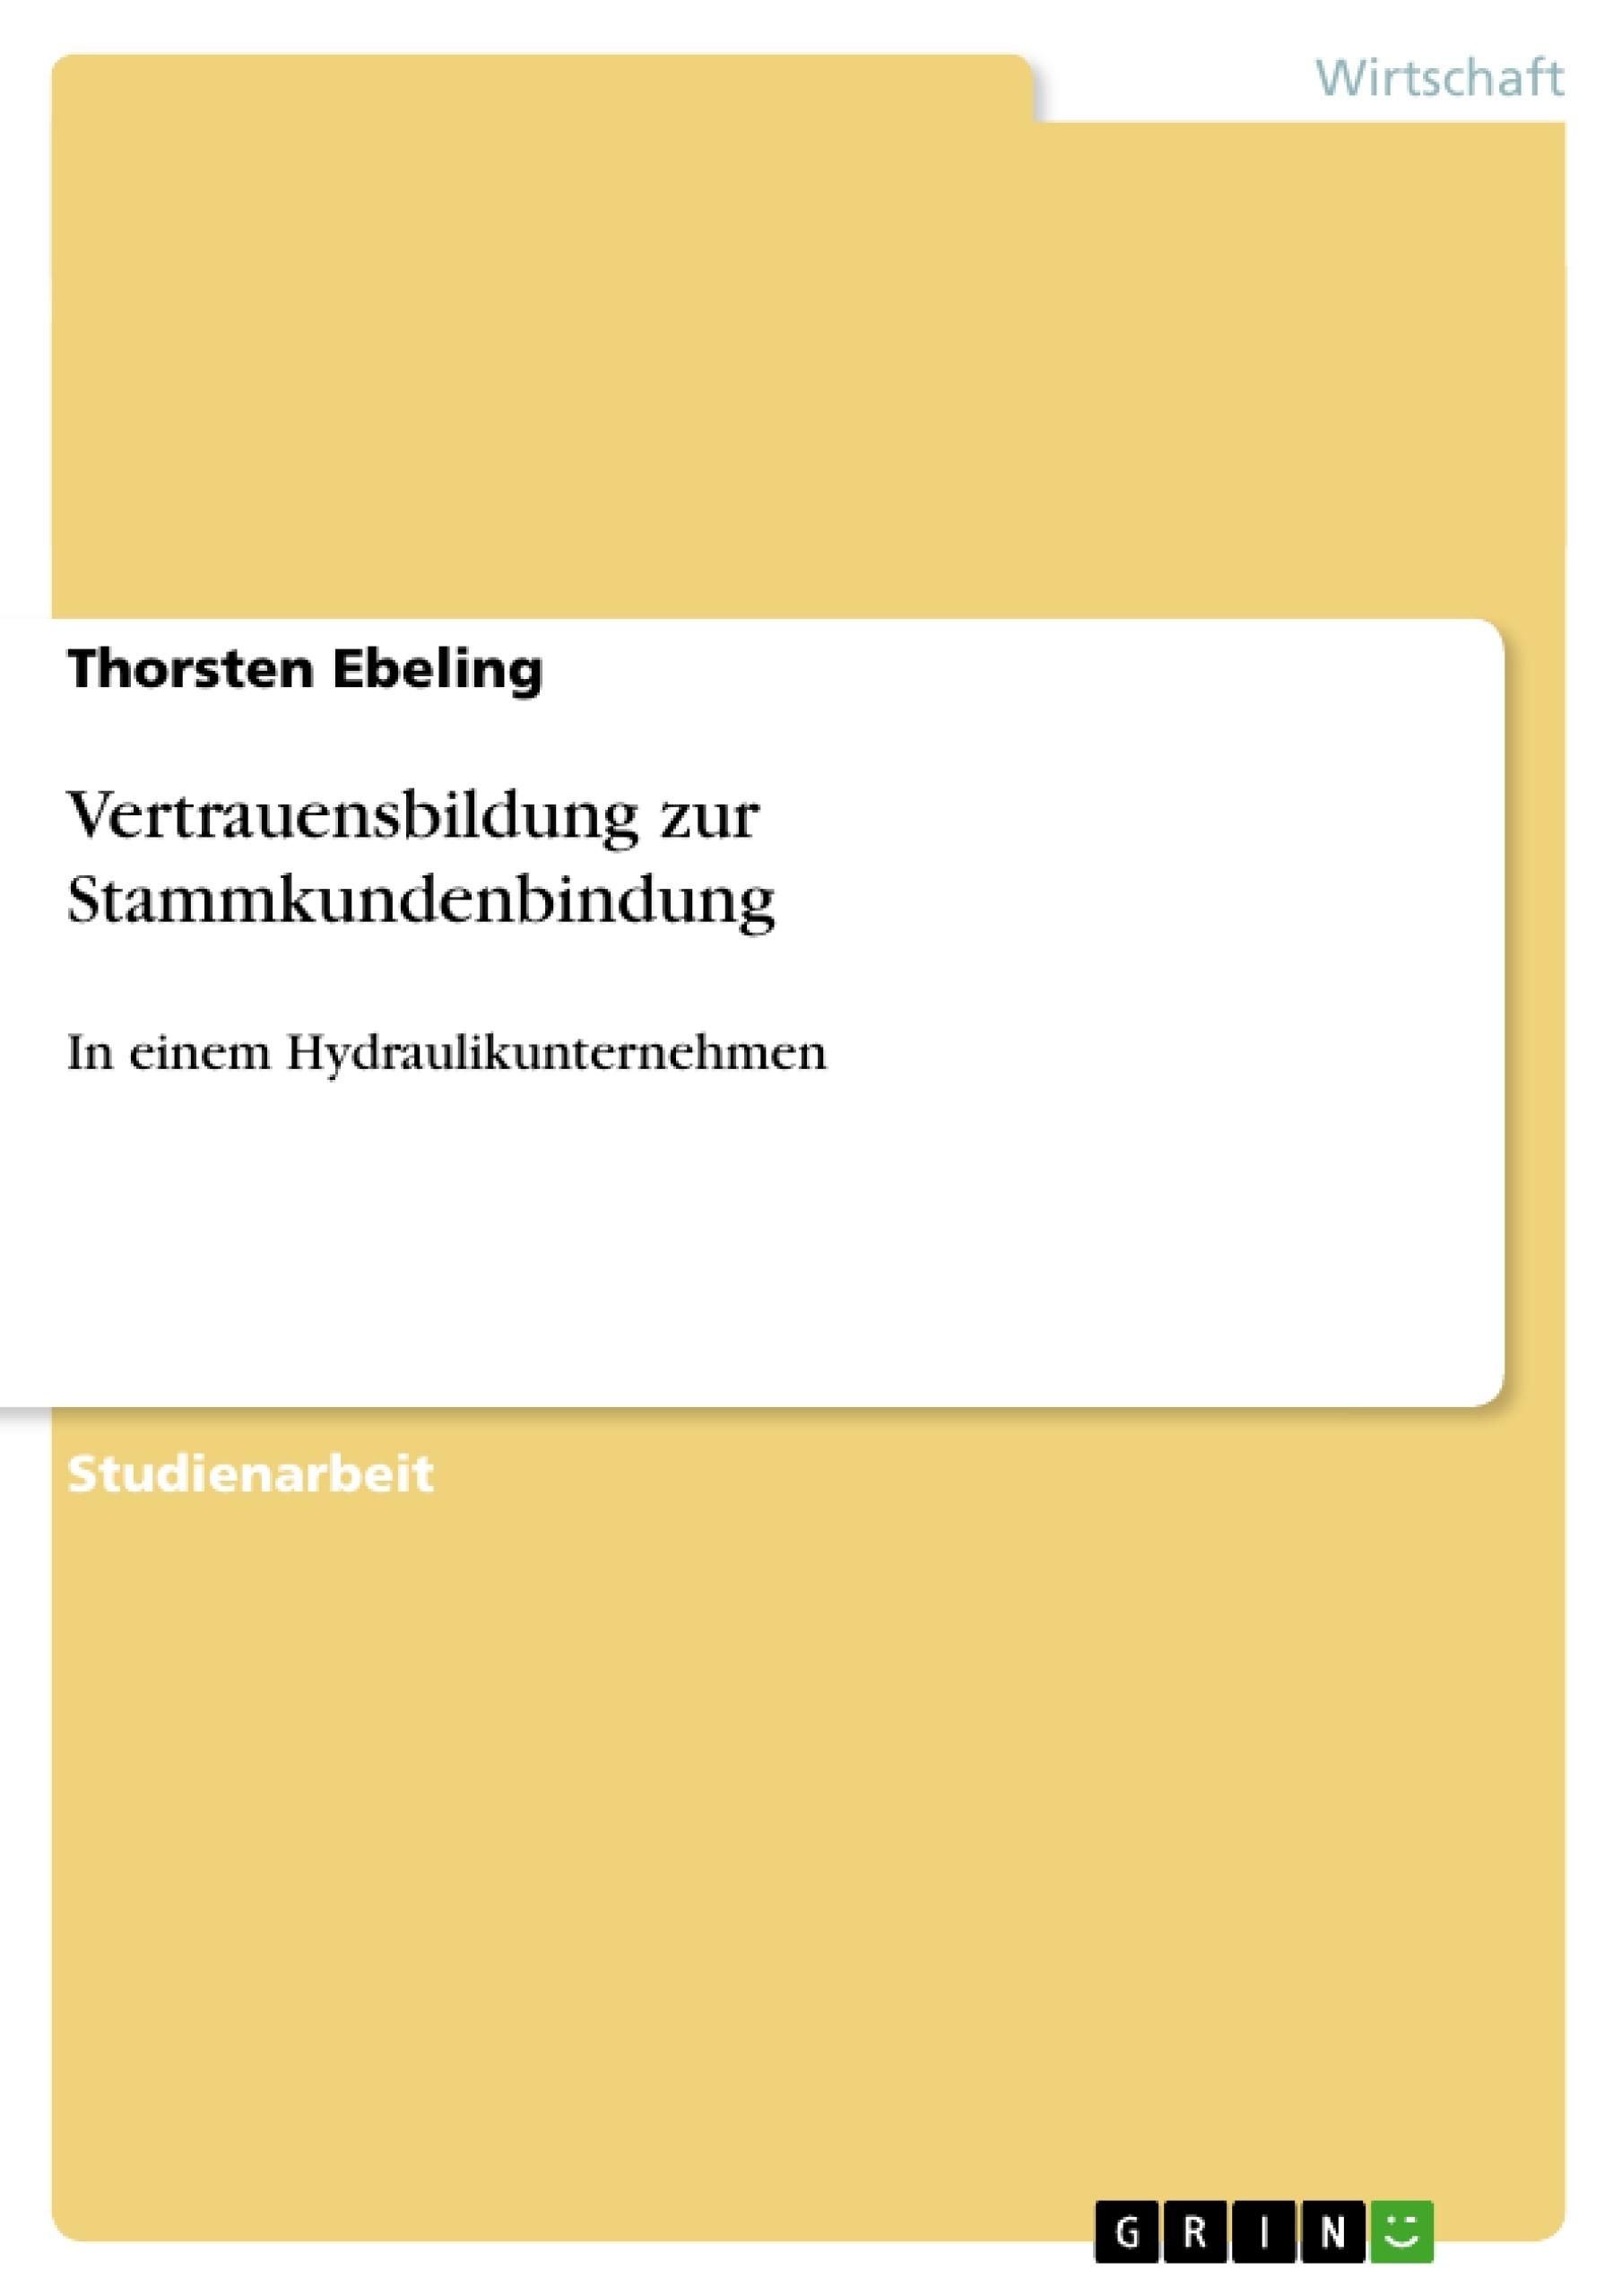 Titel: Vertrauensbildung zur Stammkundenbindung